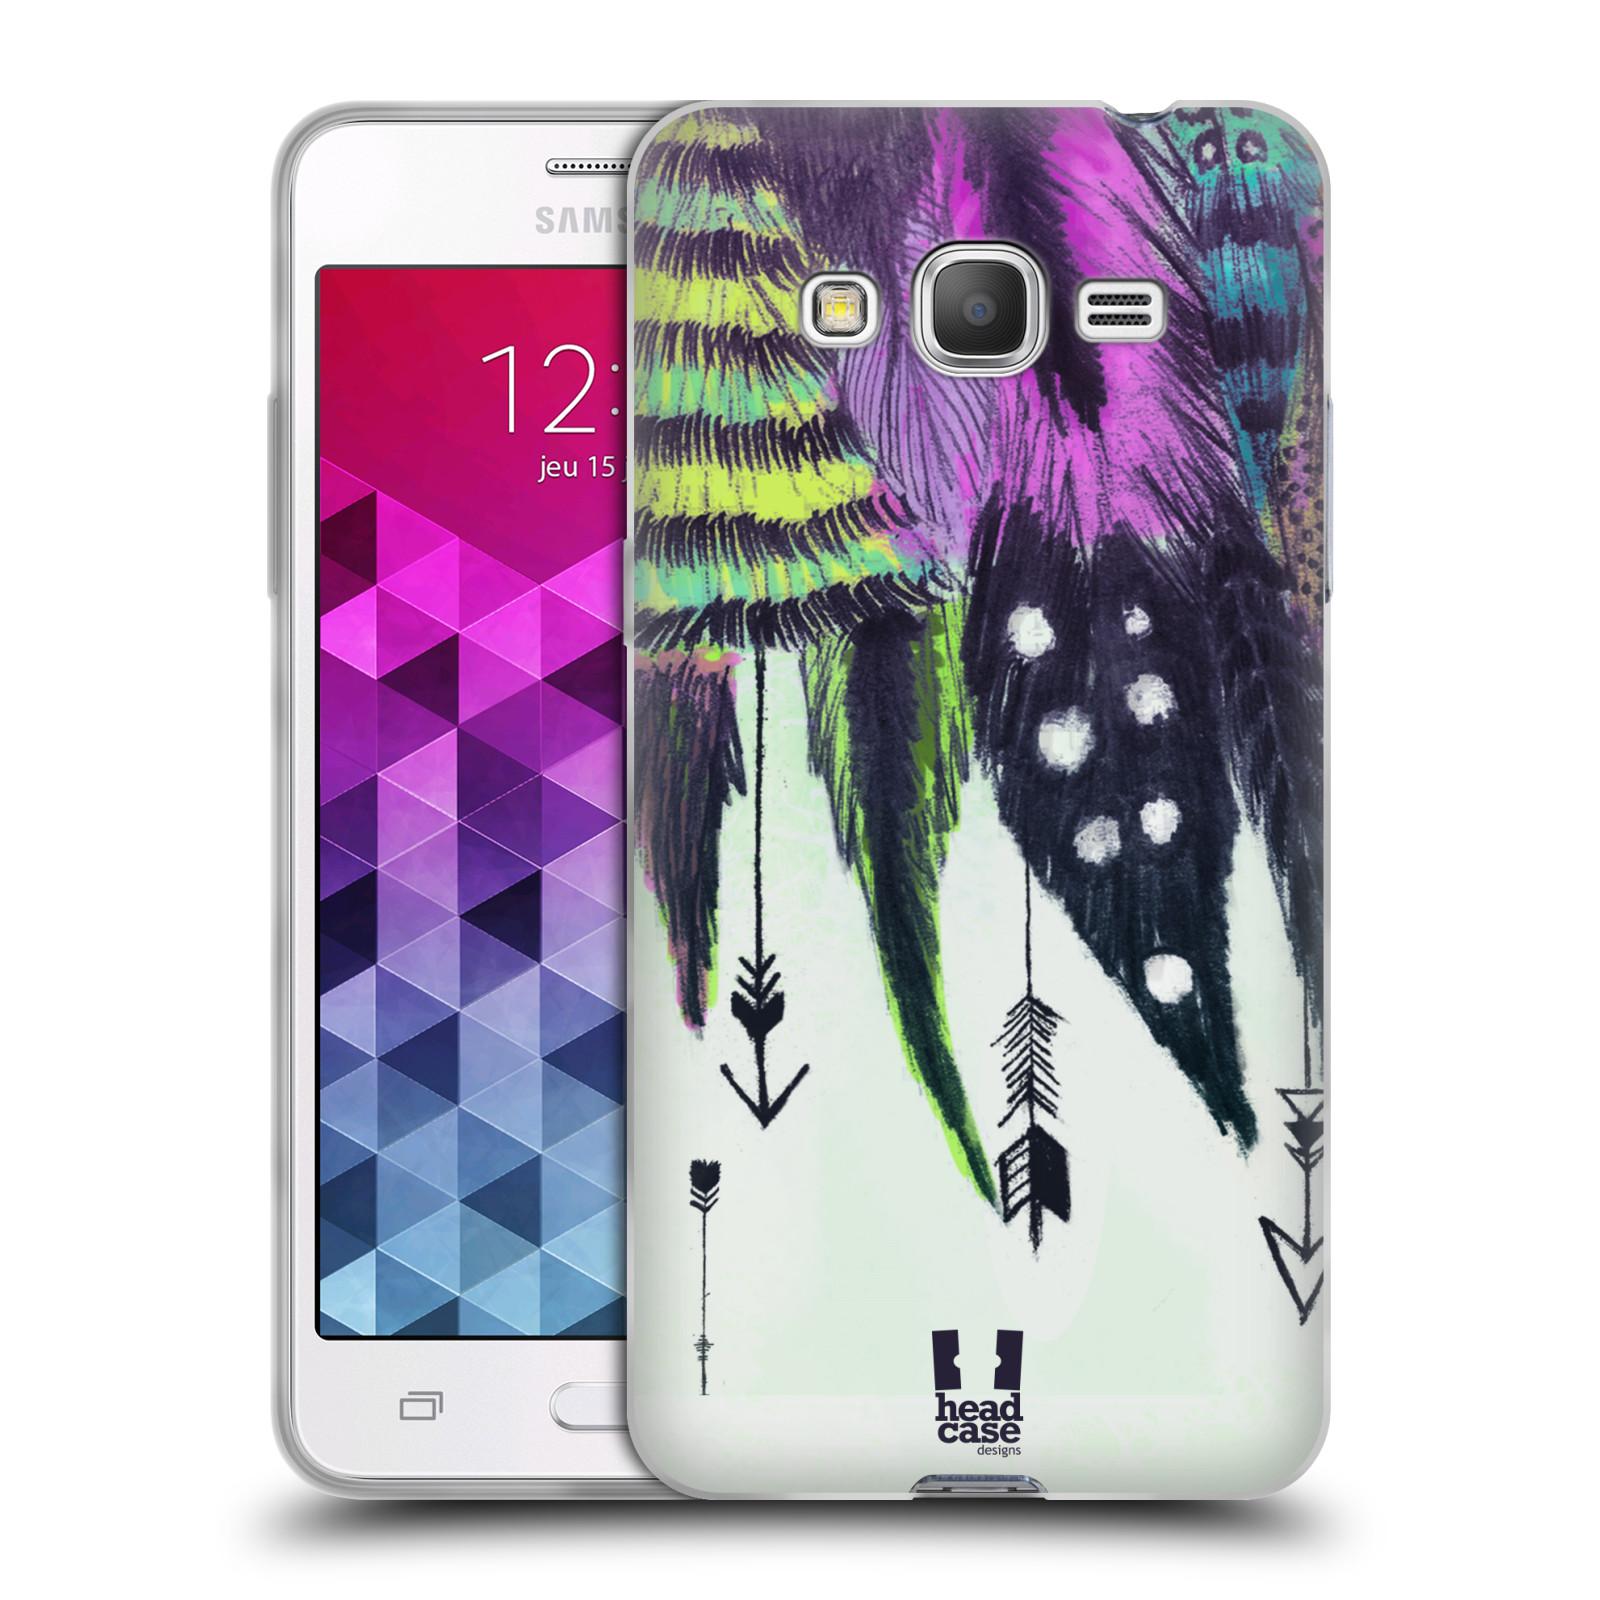 Silikonové pouzdro na mobil Samsung Galaxy Grand Prime HEAD CASE PÍRKA ROMANTIC